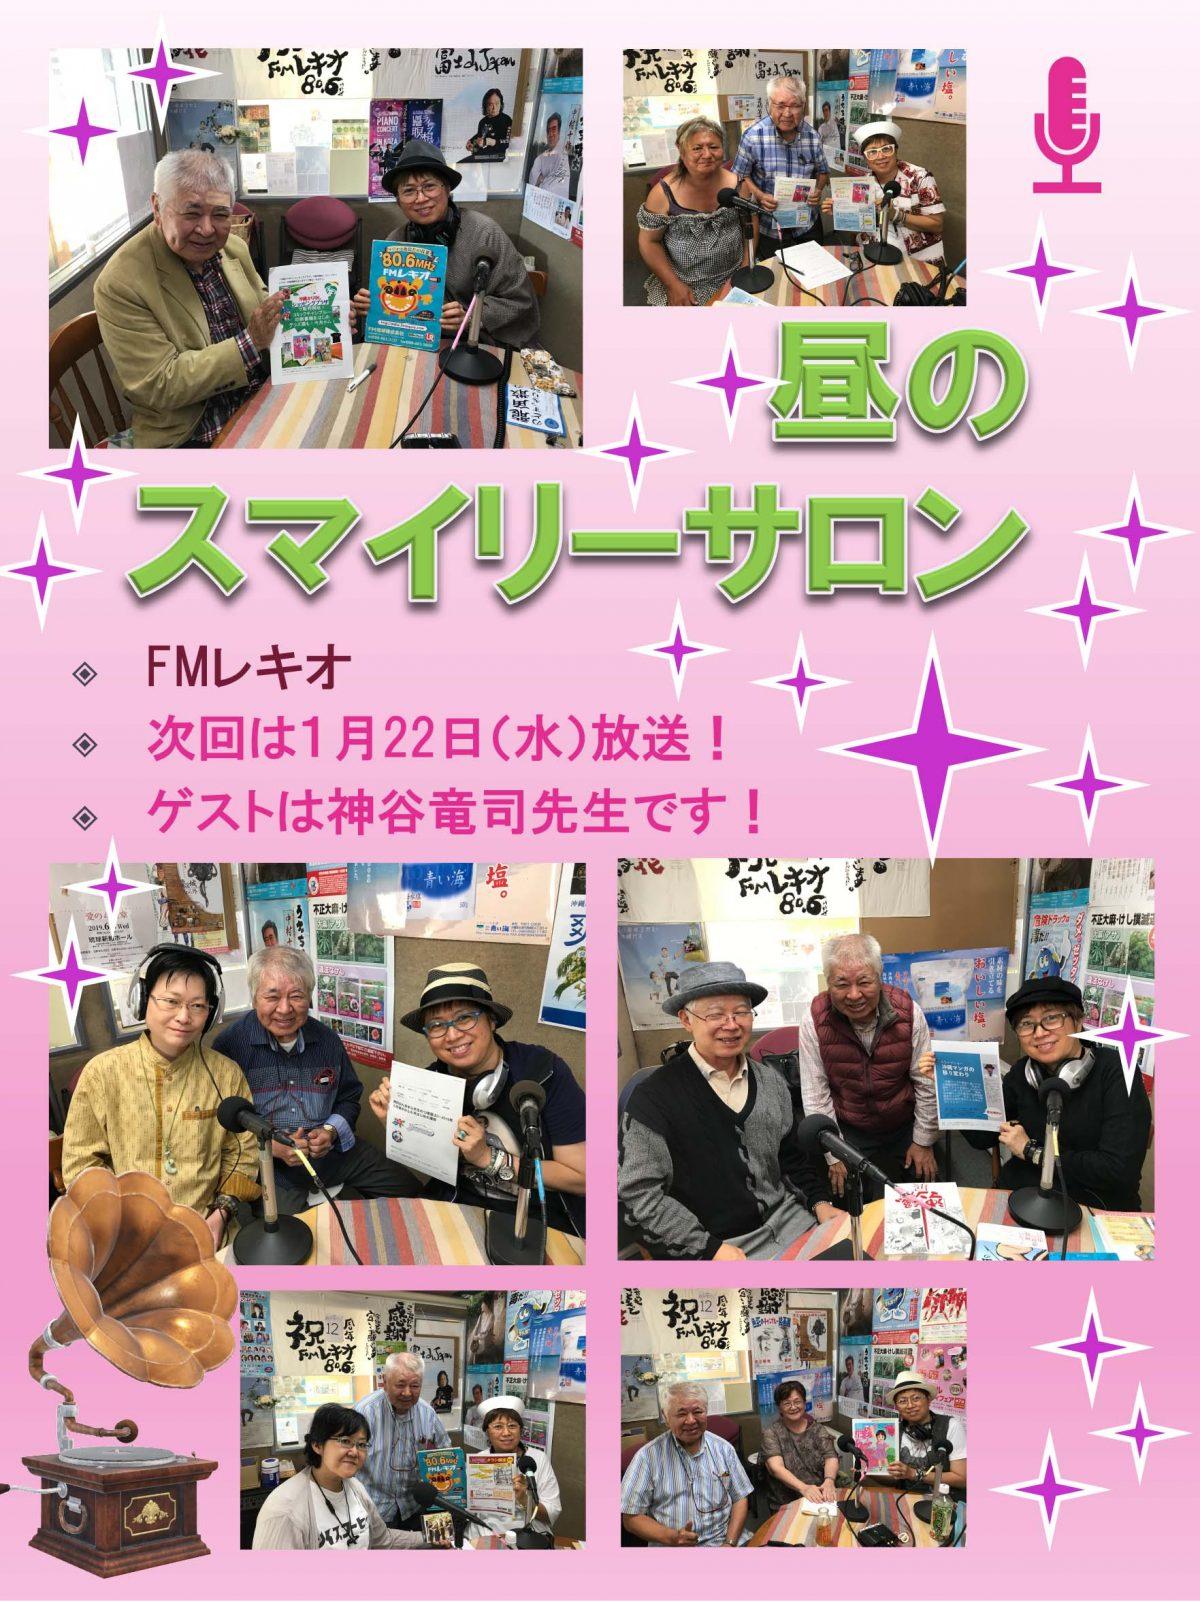 報告が遅くなりました!『昼のスマイリーサロン』12月13日(金)はスマイリーさんと二人きりでした! 1月22日(水)は神谷竜司先生が登場!